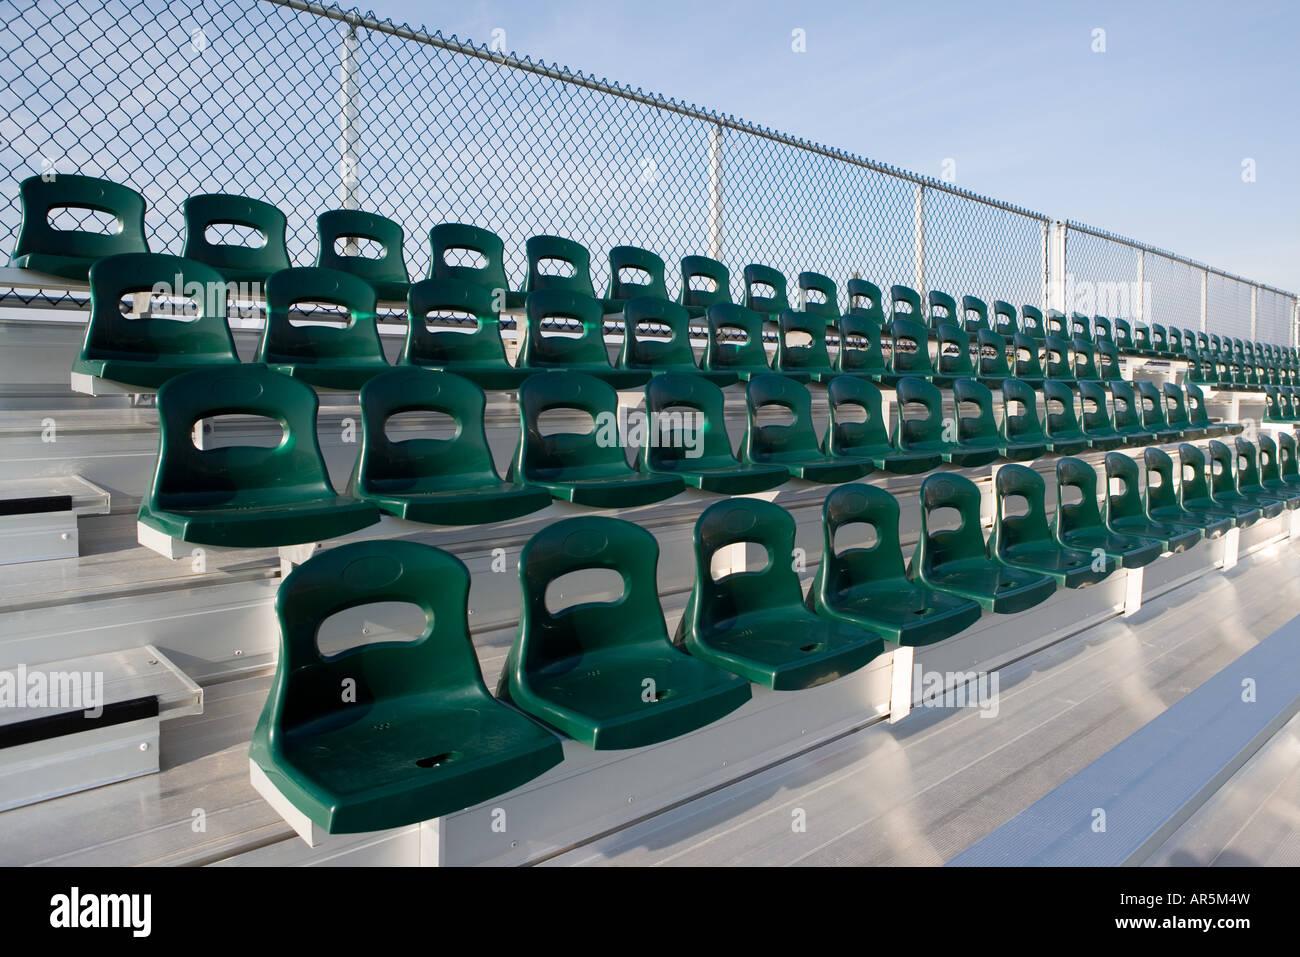 Empty stadium seats - Stock Image